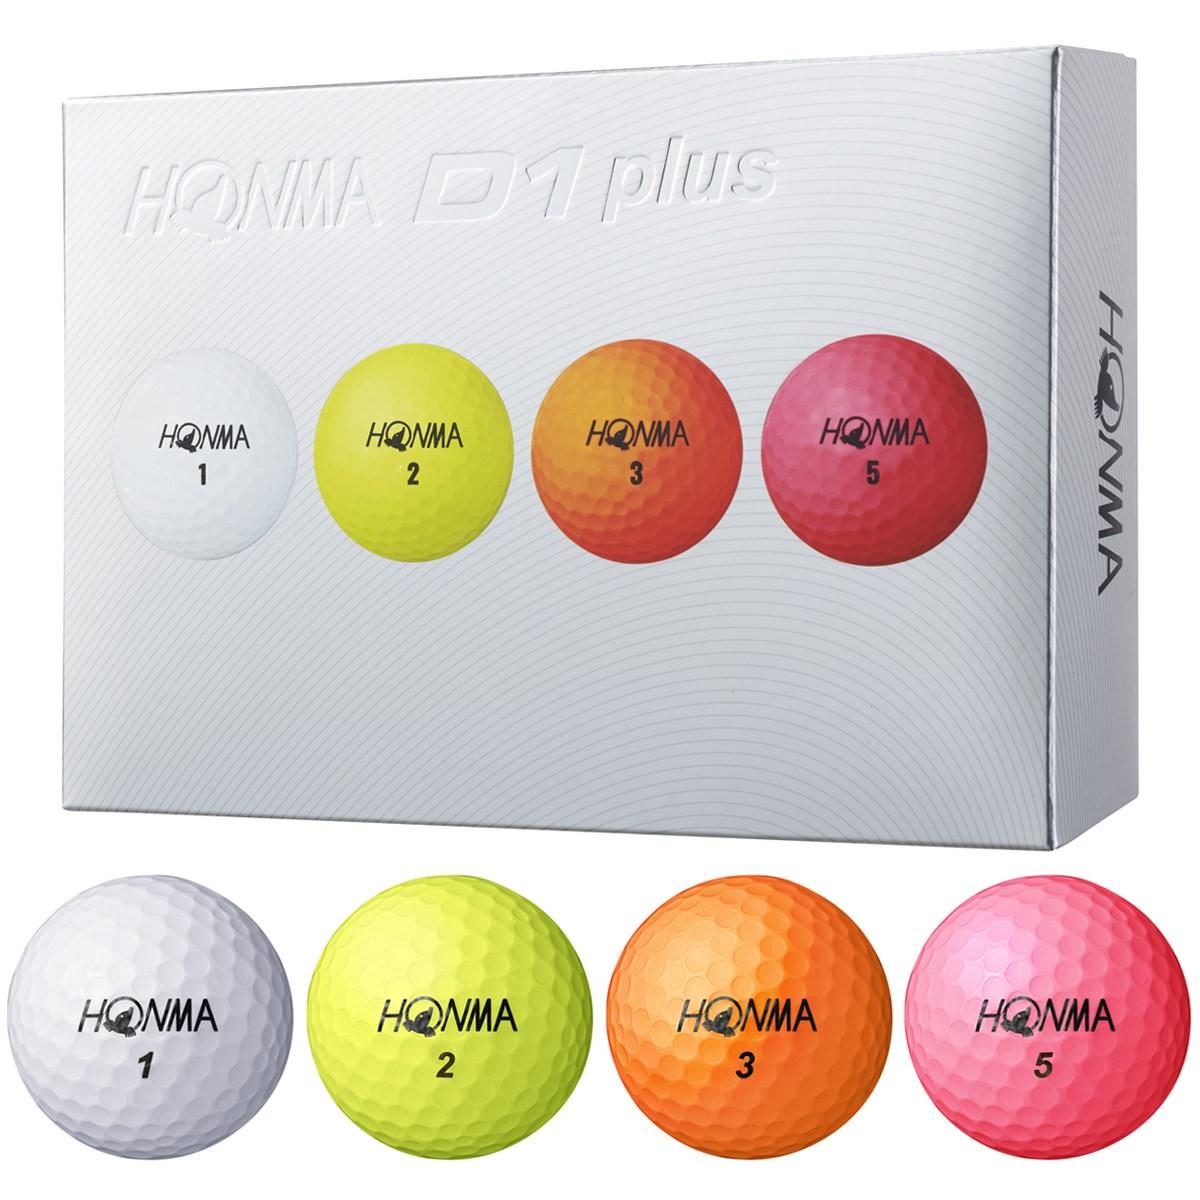 本間ゴルフ HONMA D1 plus ボール 3ダースセット 3ダース(36個入り) マルチ